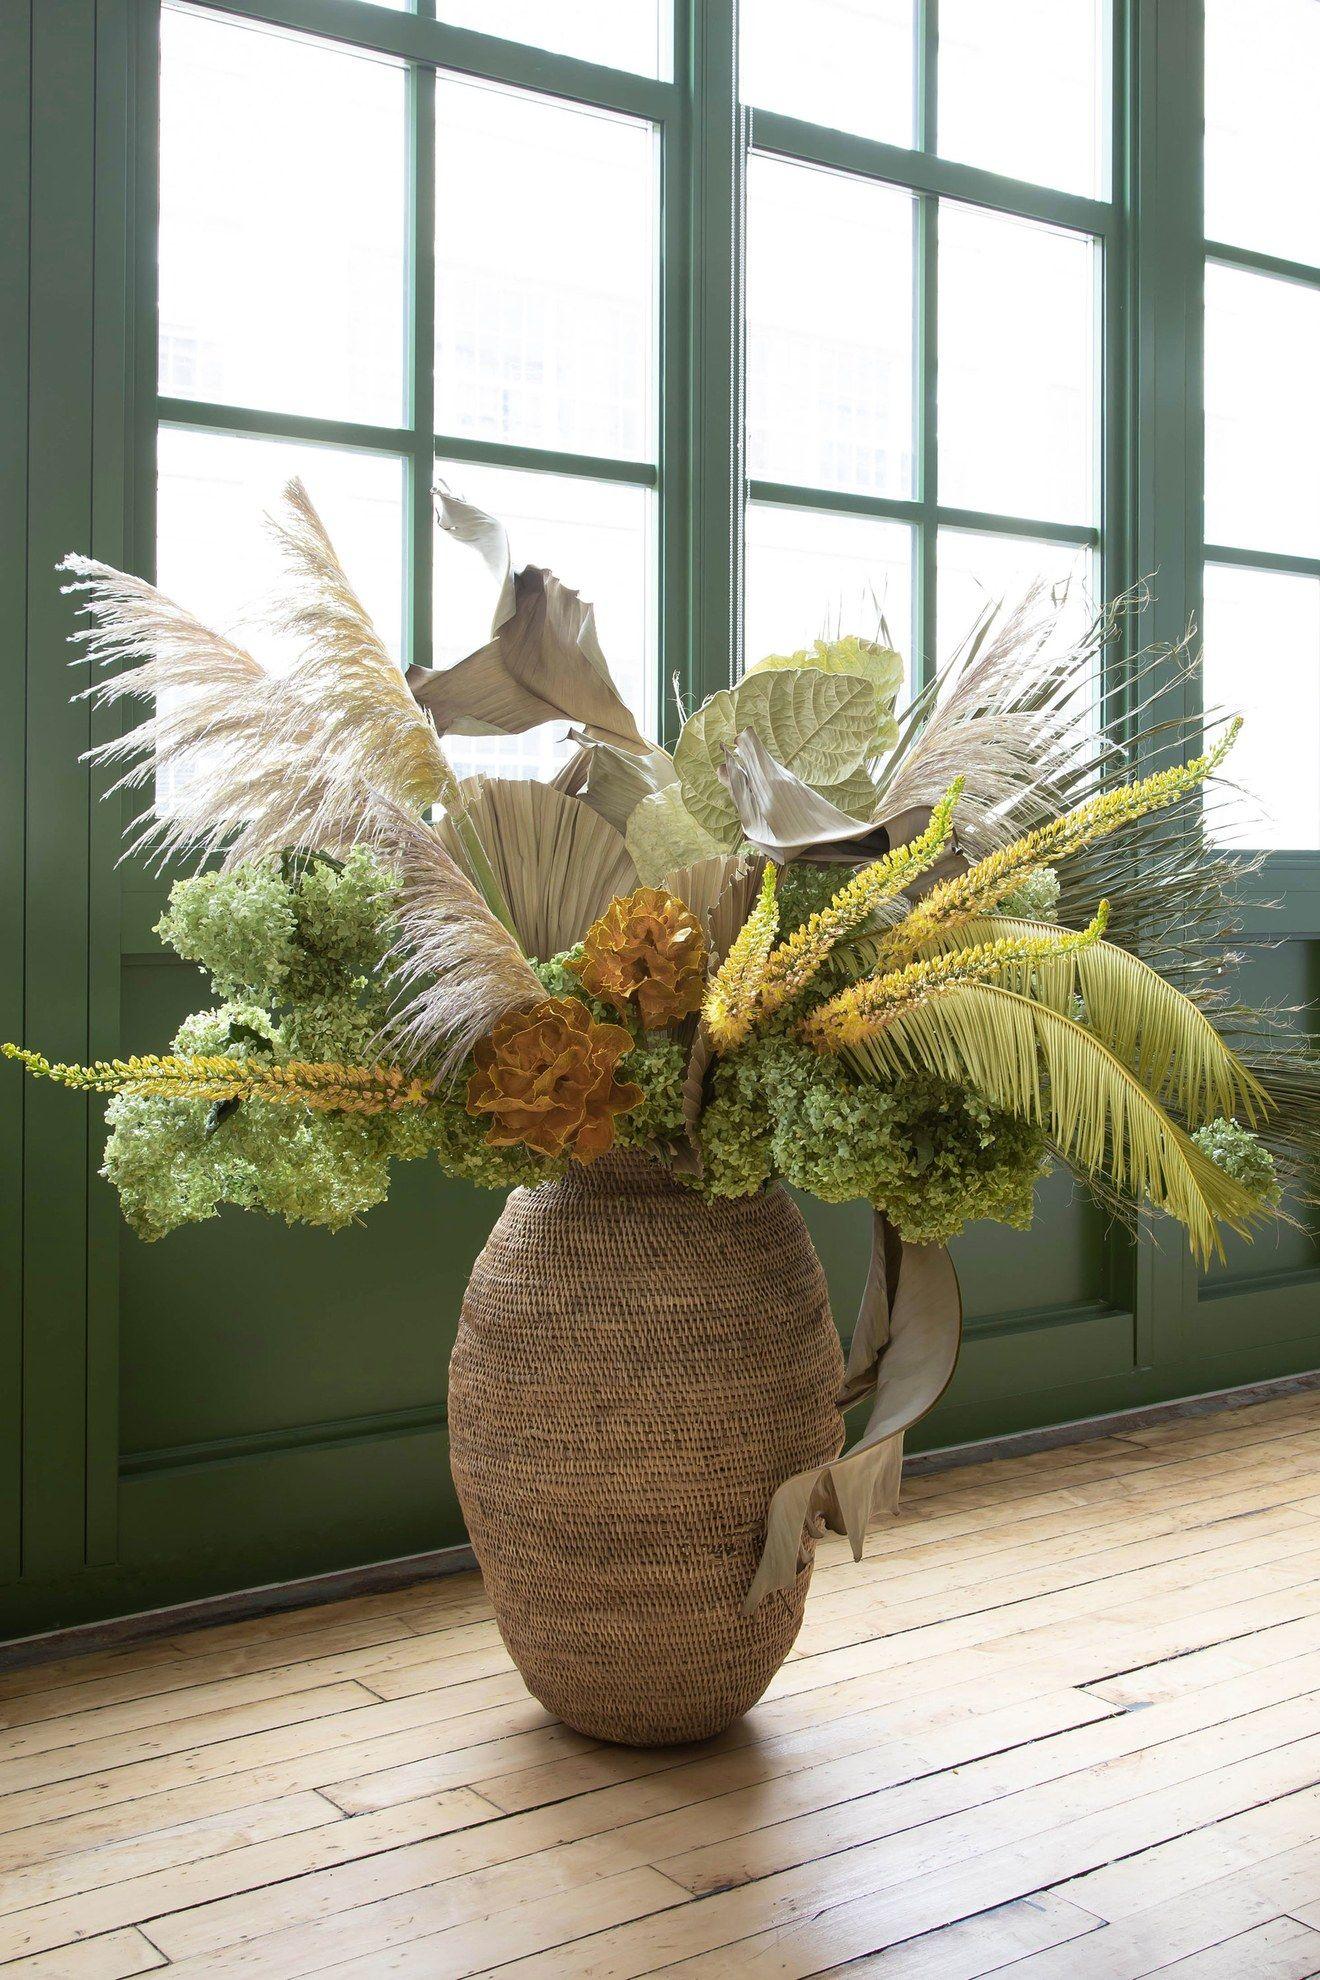 Furniture Fine Louis Fashion Retro Seagrass Weaving Vase Grass Vine Weaving Living Room Decoration Dry Arrangement Flower Online Shop Plant Shelves